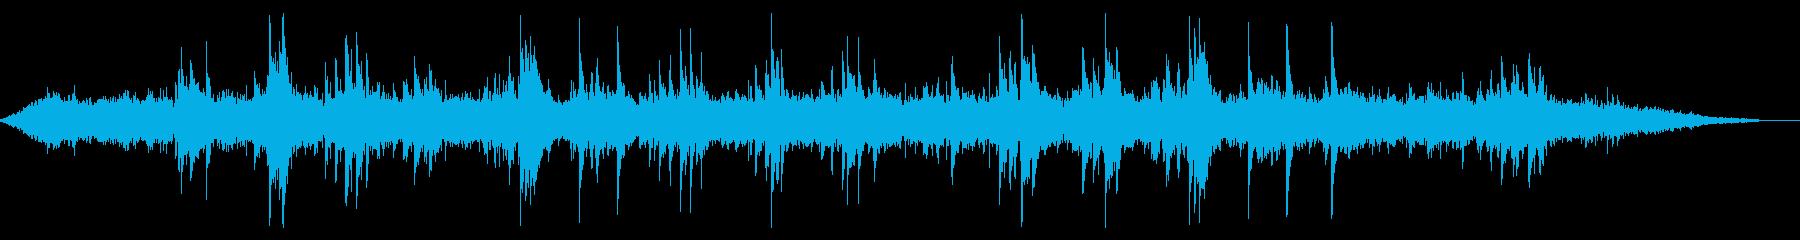 抽象的で軽やかなピアノのアンビエントの再生済みの波形